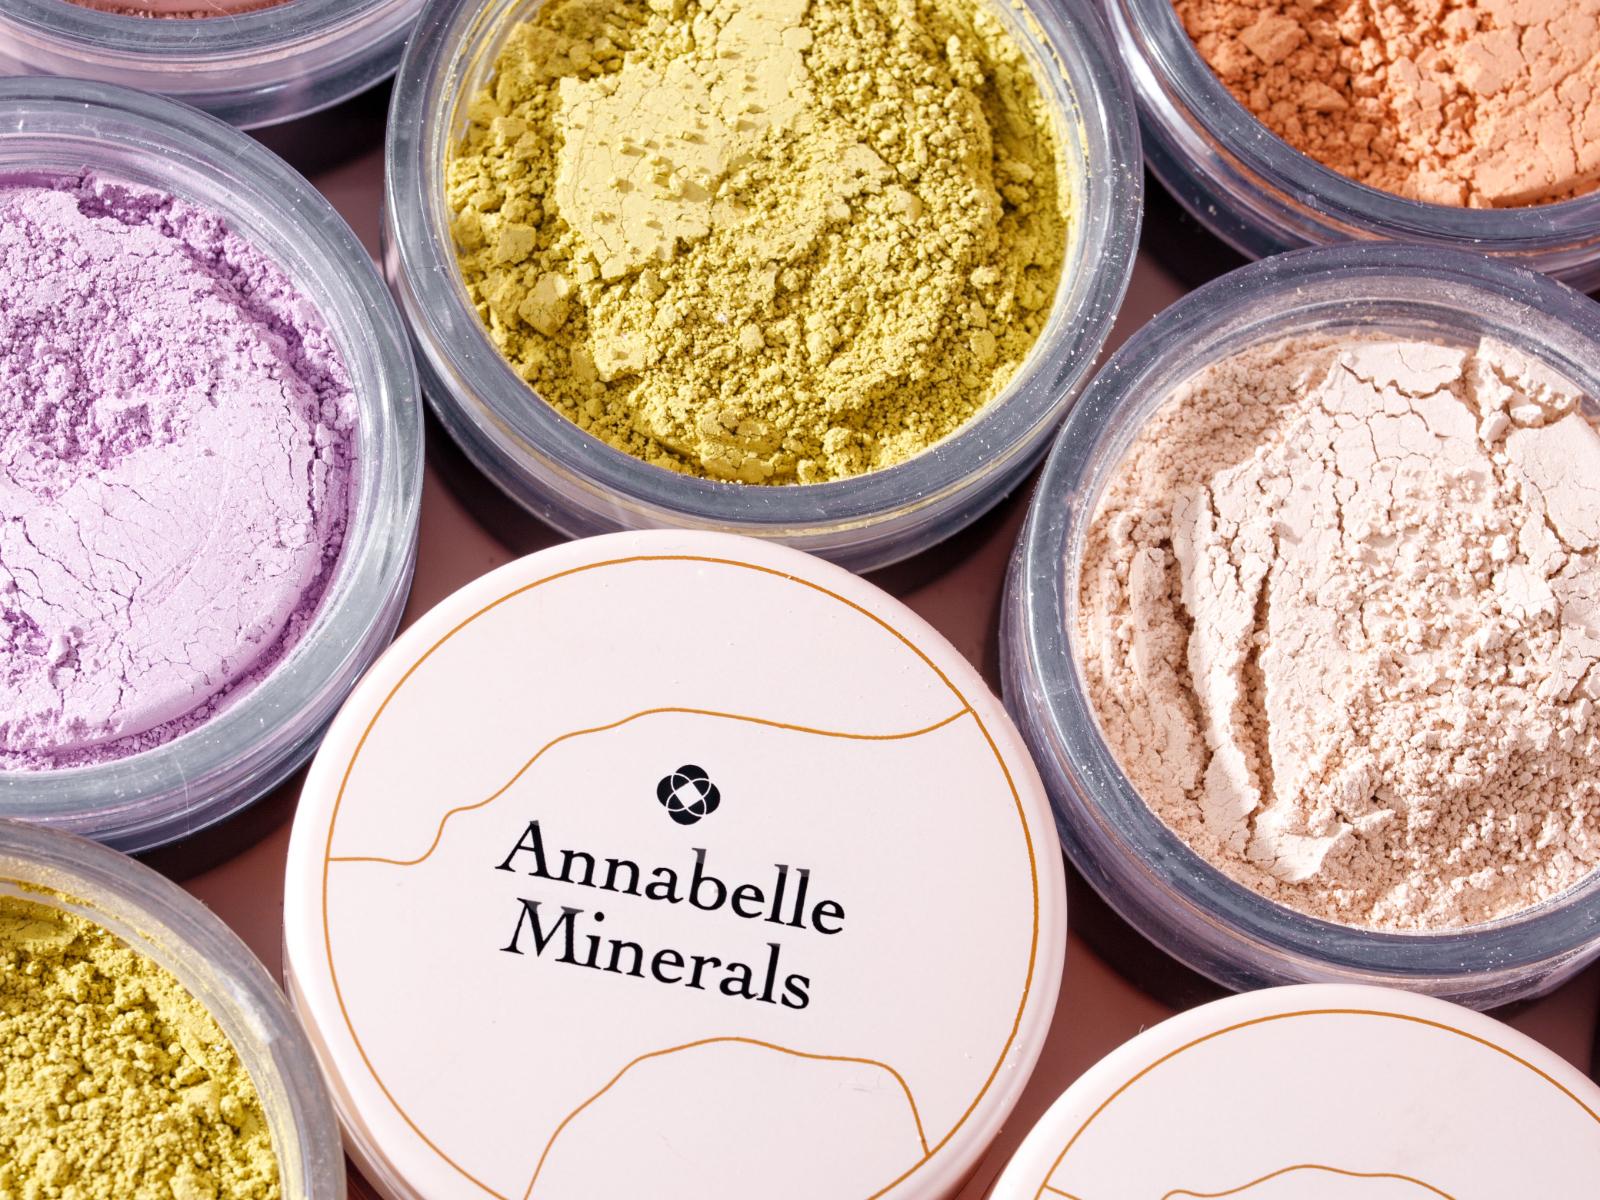 Cienie Annabelle minerals z serii glinkowej i mineralnej